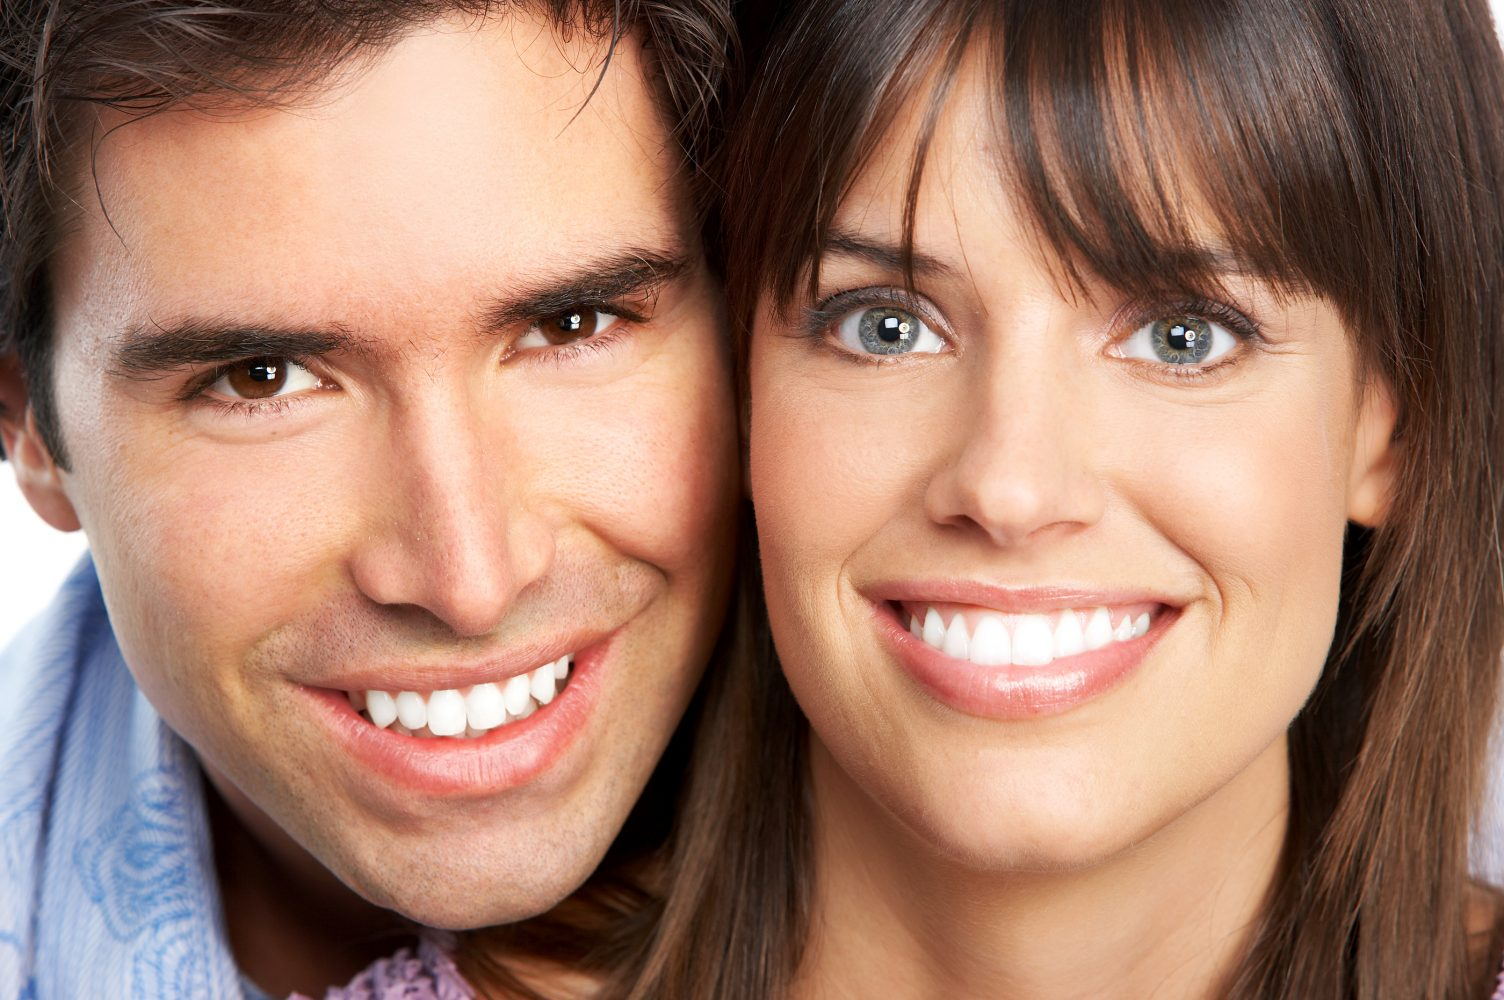 dentist Lumineers